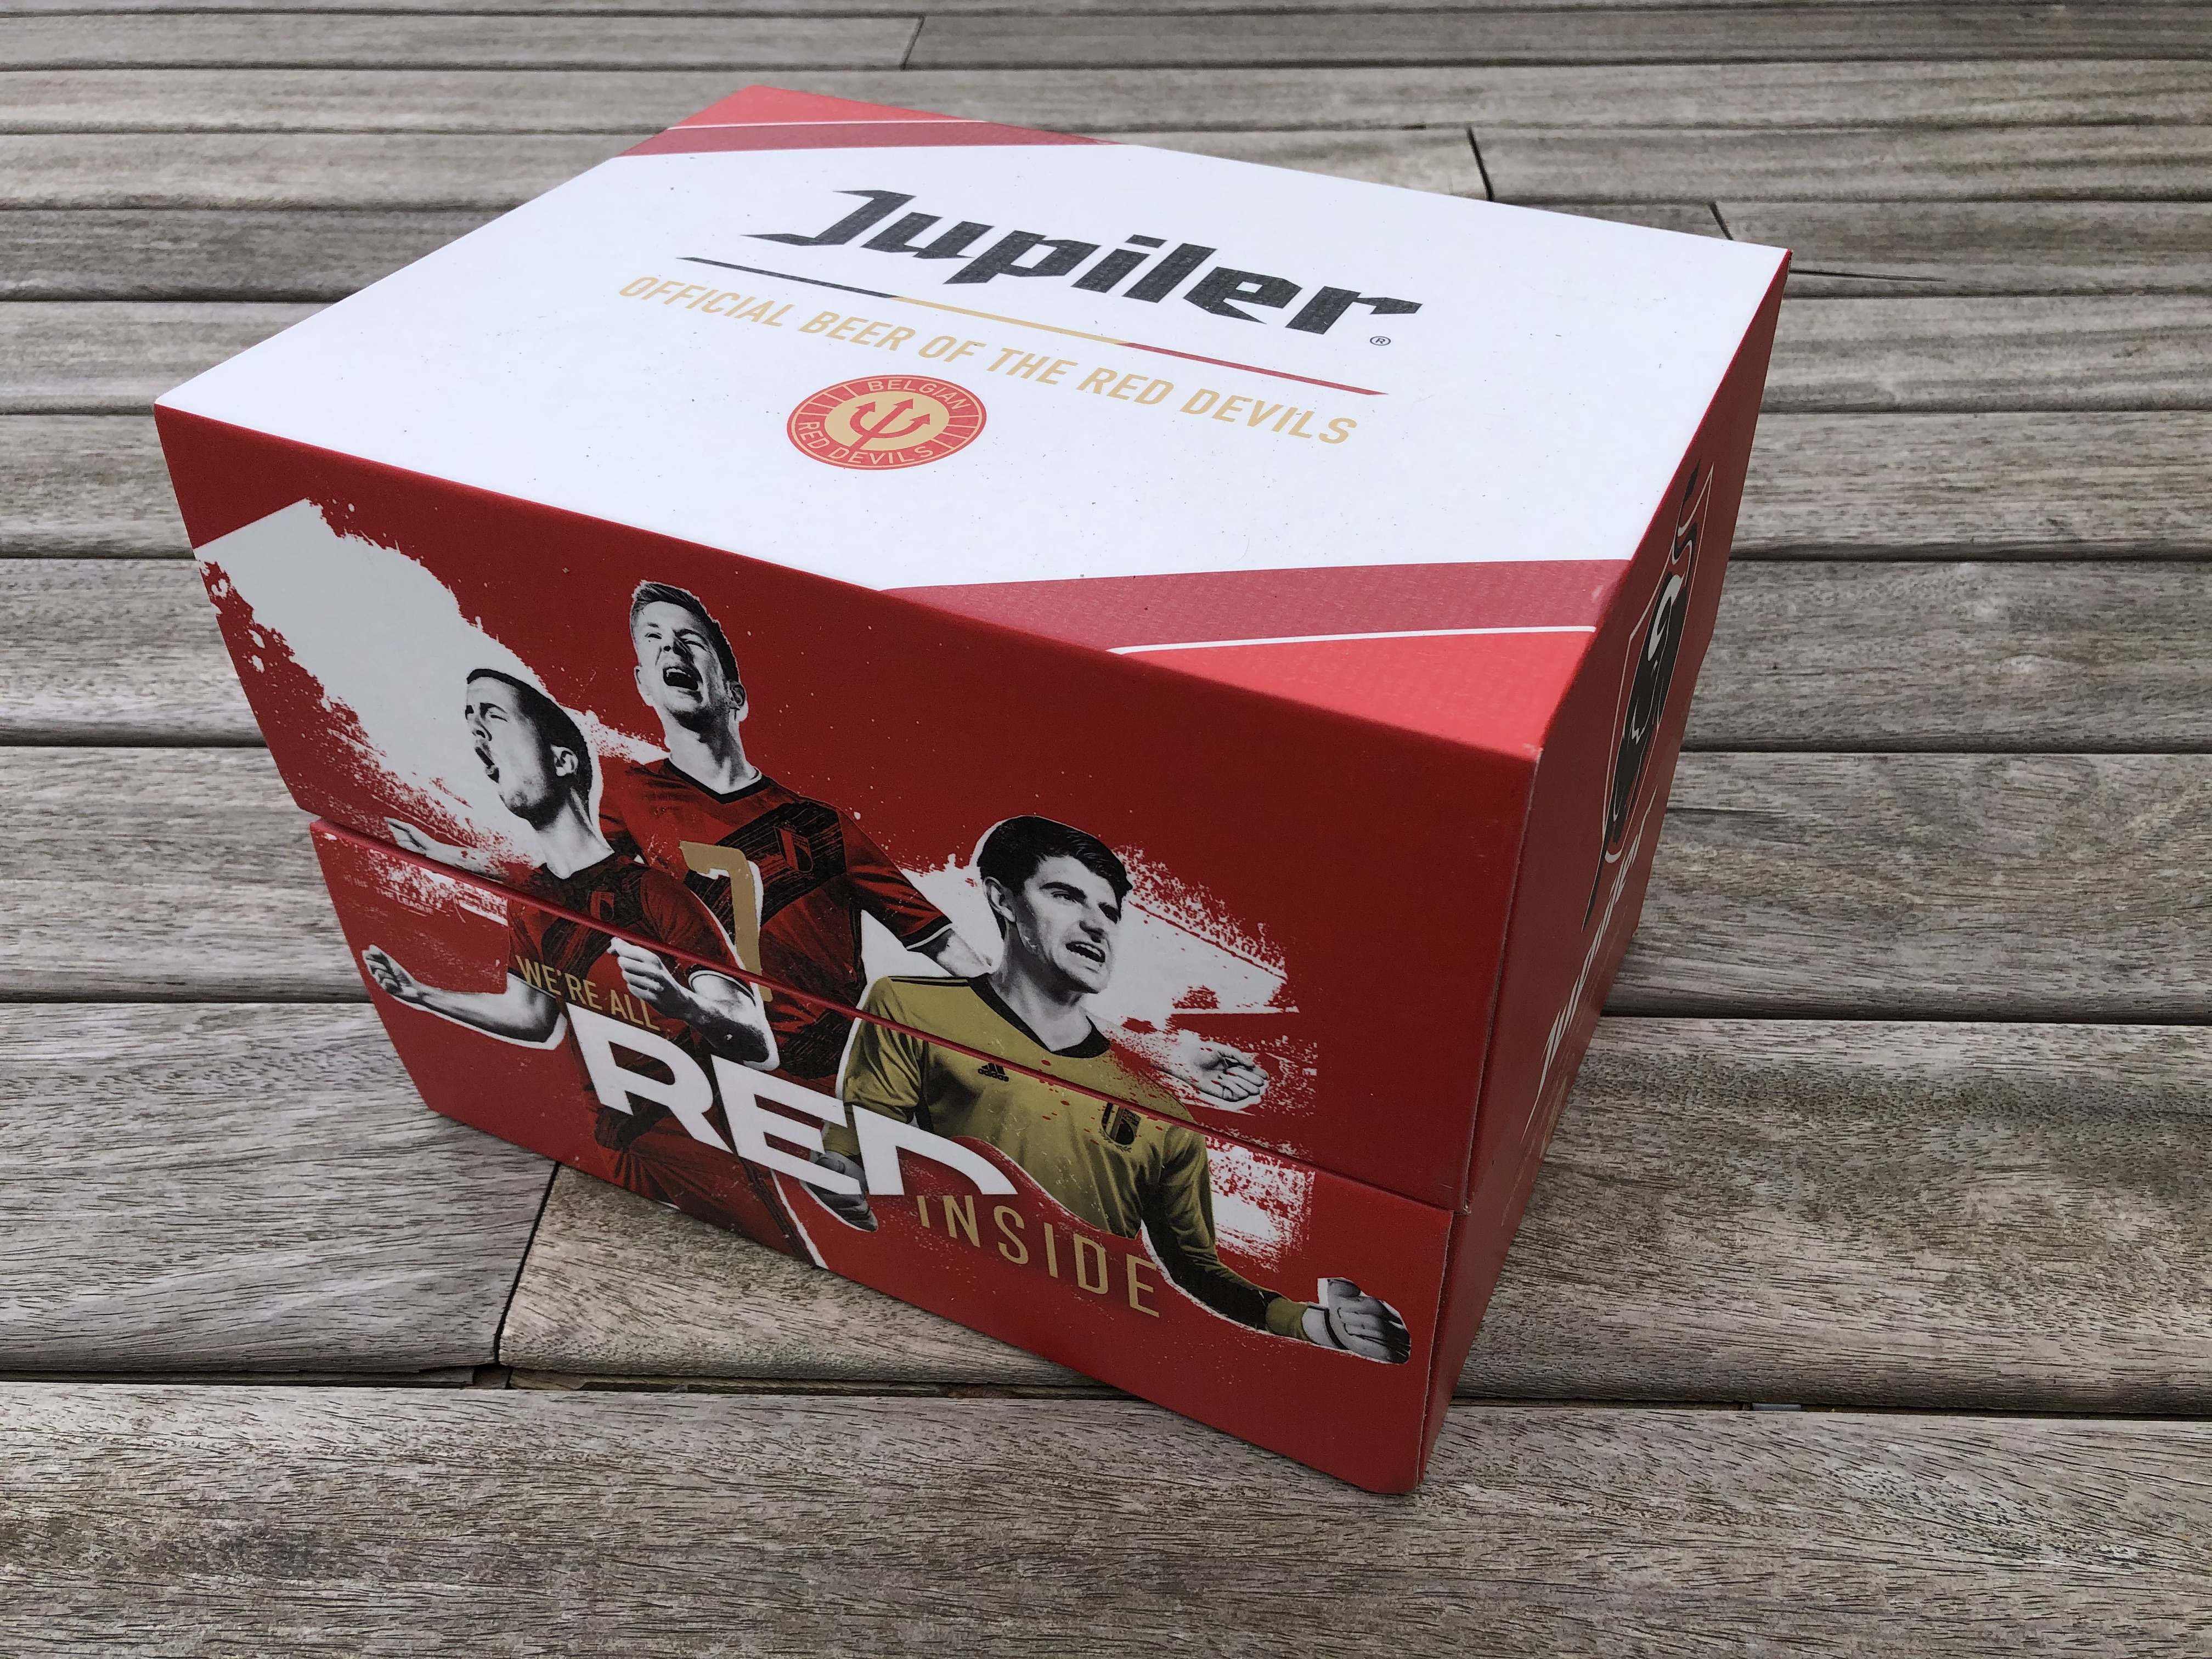 Jupiler - We're all red inside